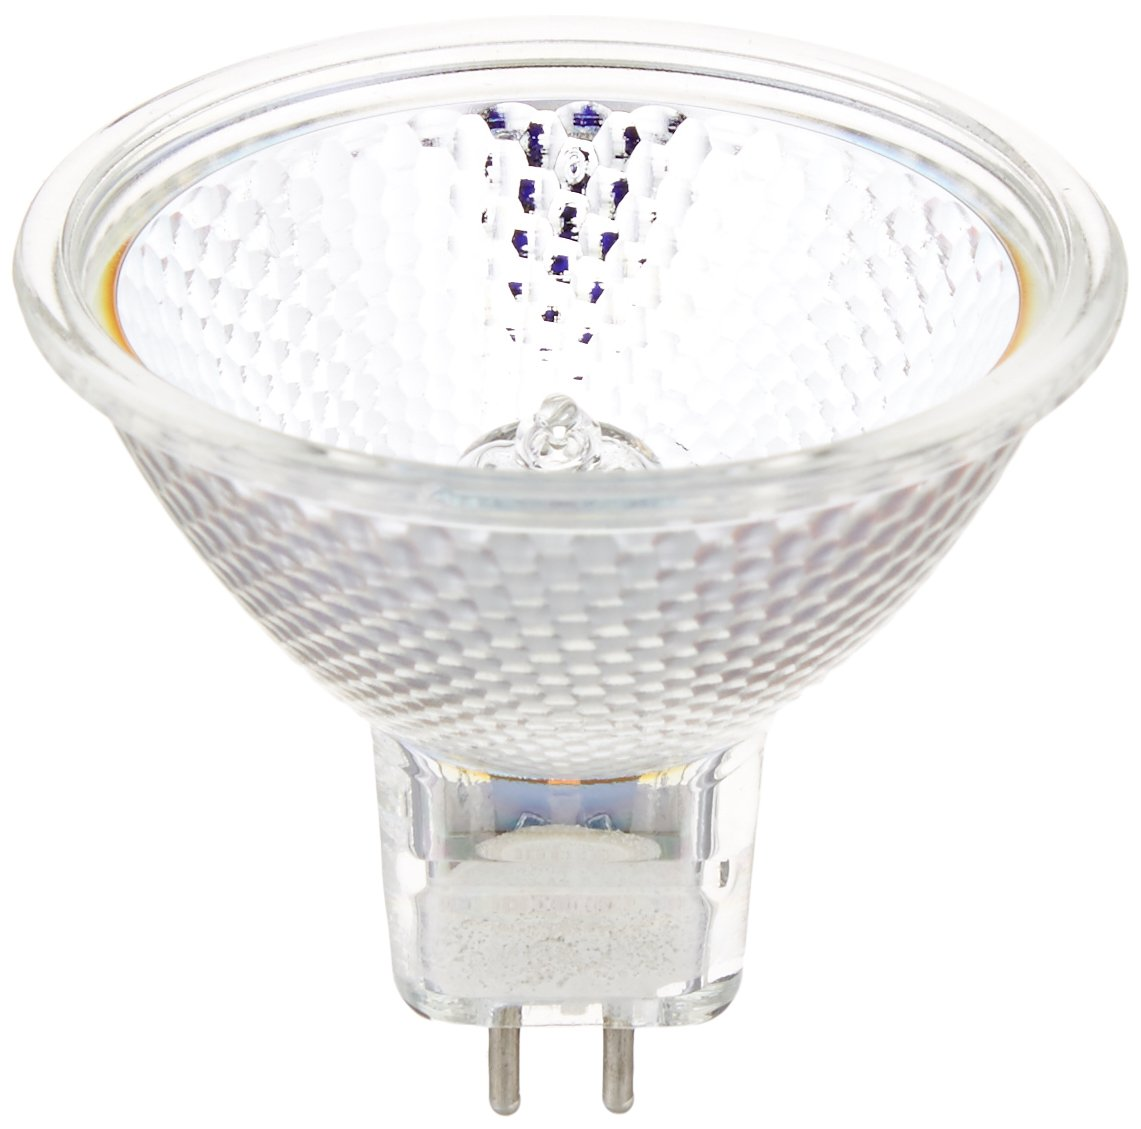 Ushio 1000563 FMV SL JR12V 35W NFL24 SL Superline 35 Watt 12 Volt Narrow Flood MR16 Halogen Light Bulb